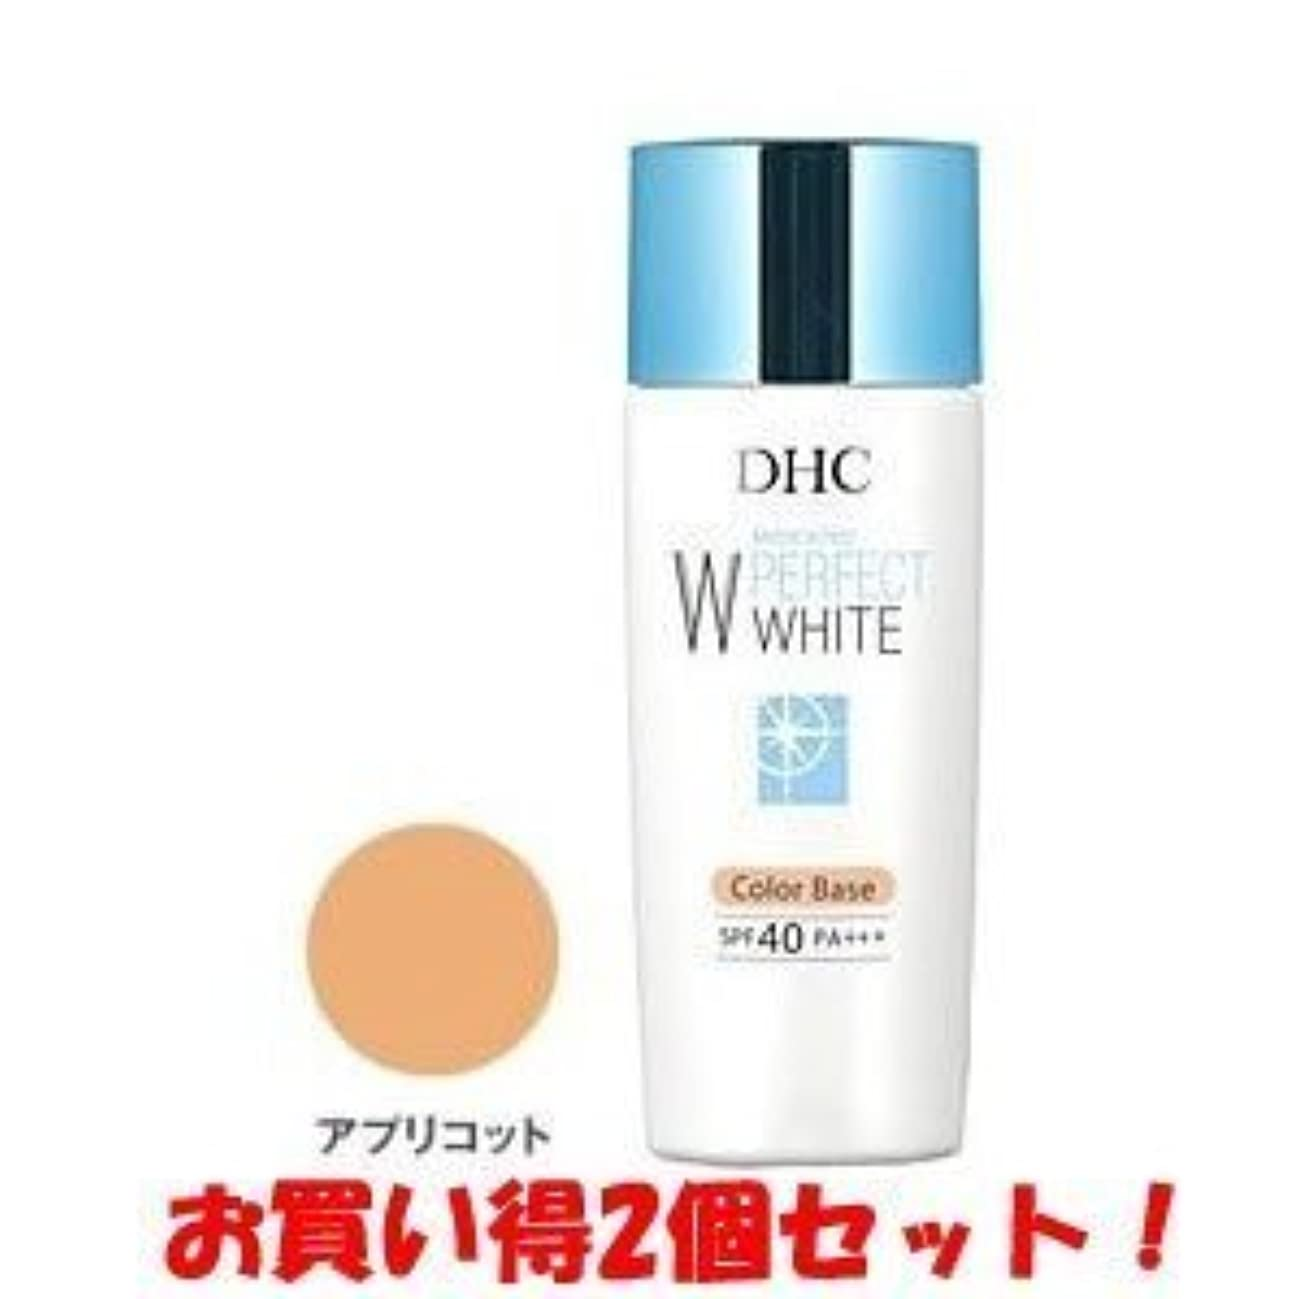 原子魔術師散文DHC 薬用パーフェクトホワイト カラーベース アプリコット 30g(医薬部外品)(お買い得2個セット)